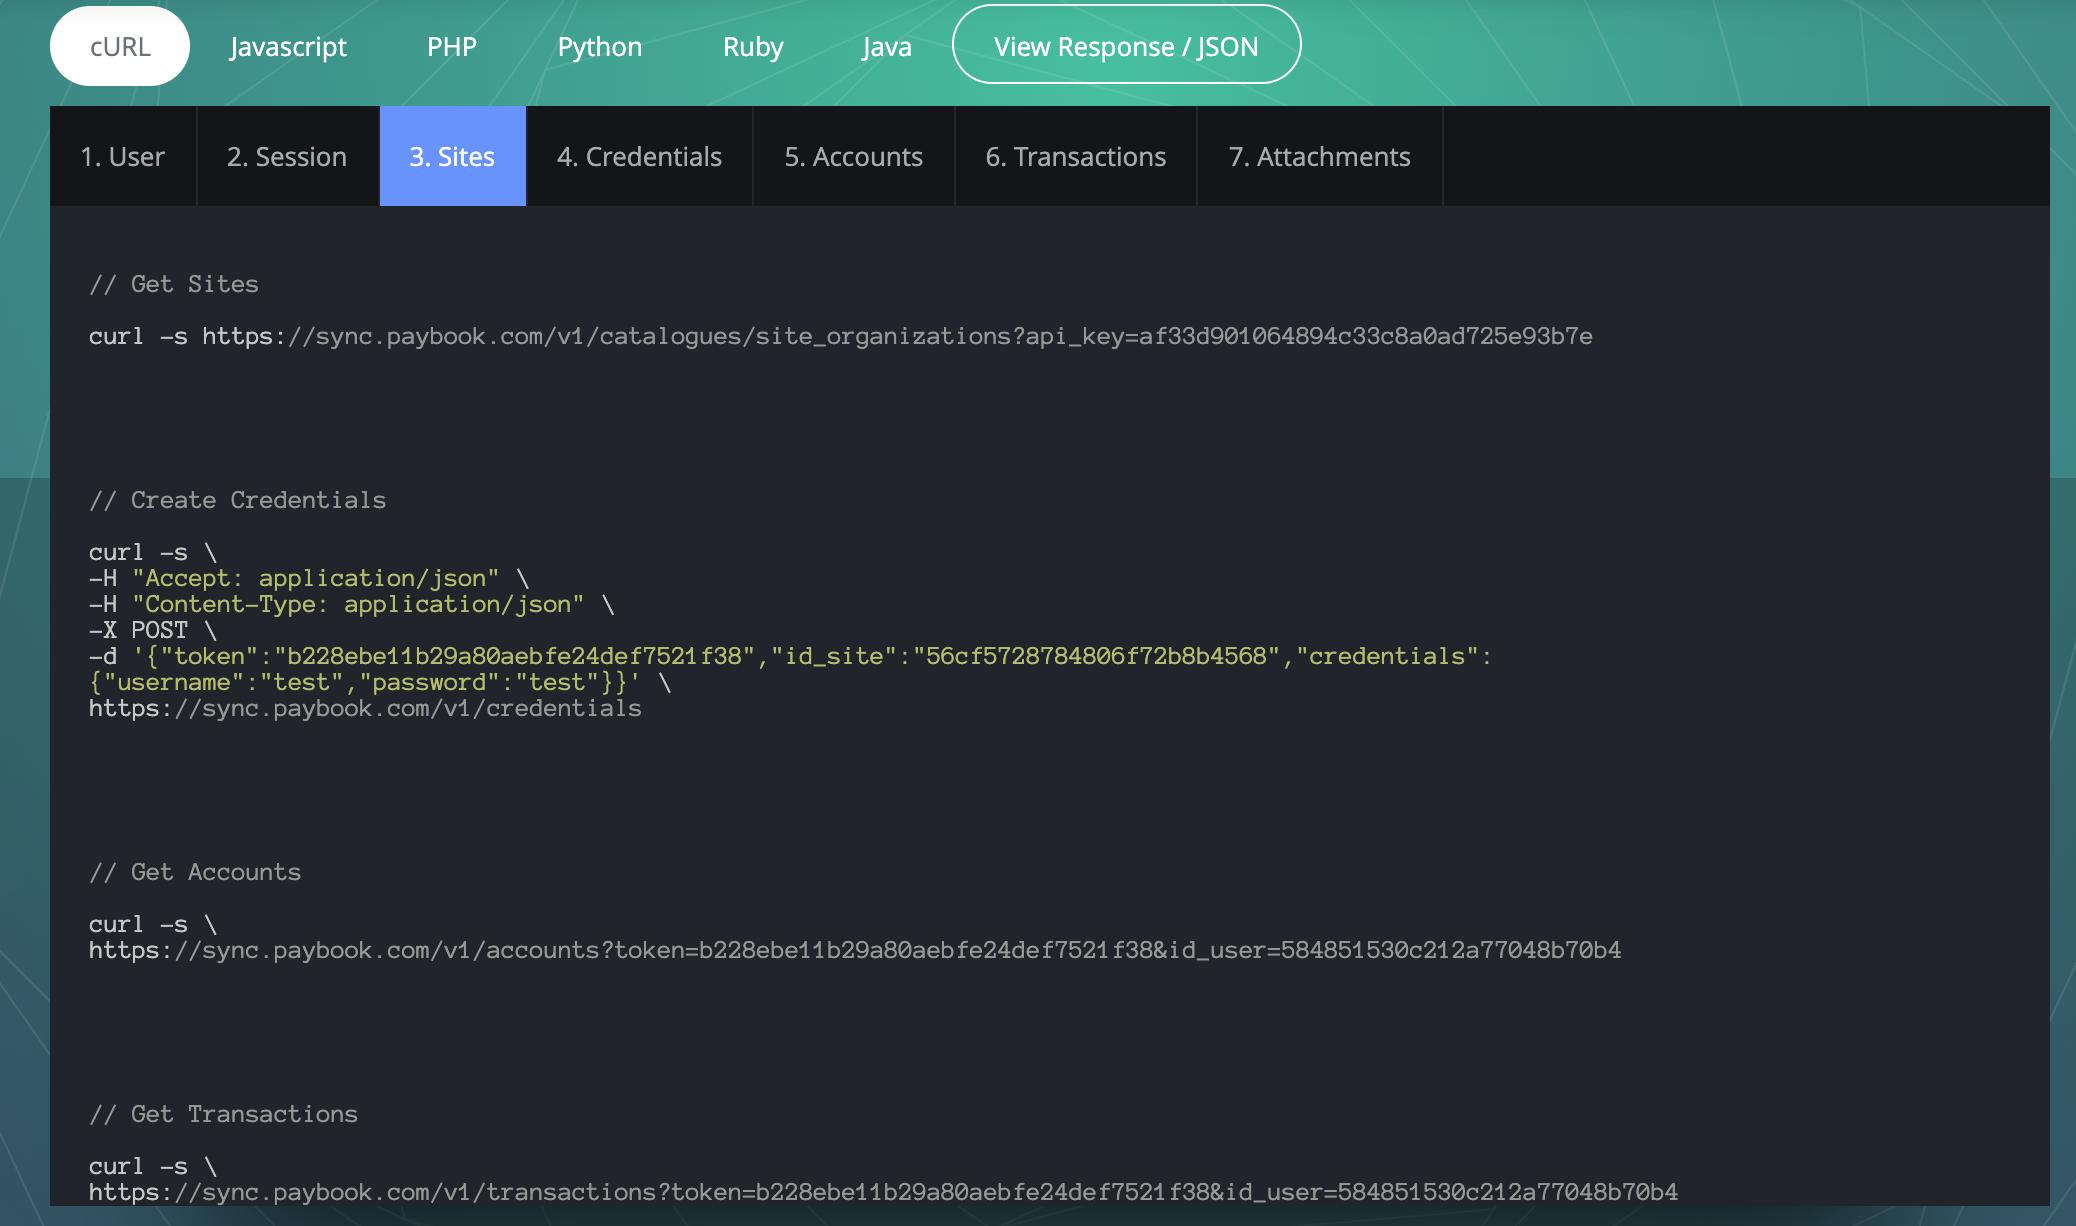 Как создать приложение для сферы финансов: 5 API в помощь разработчику - 4